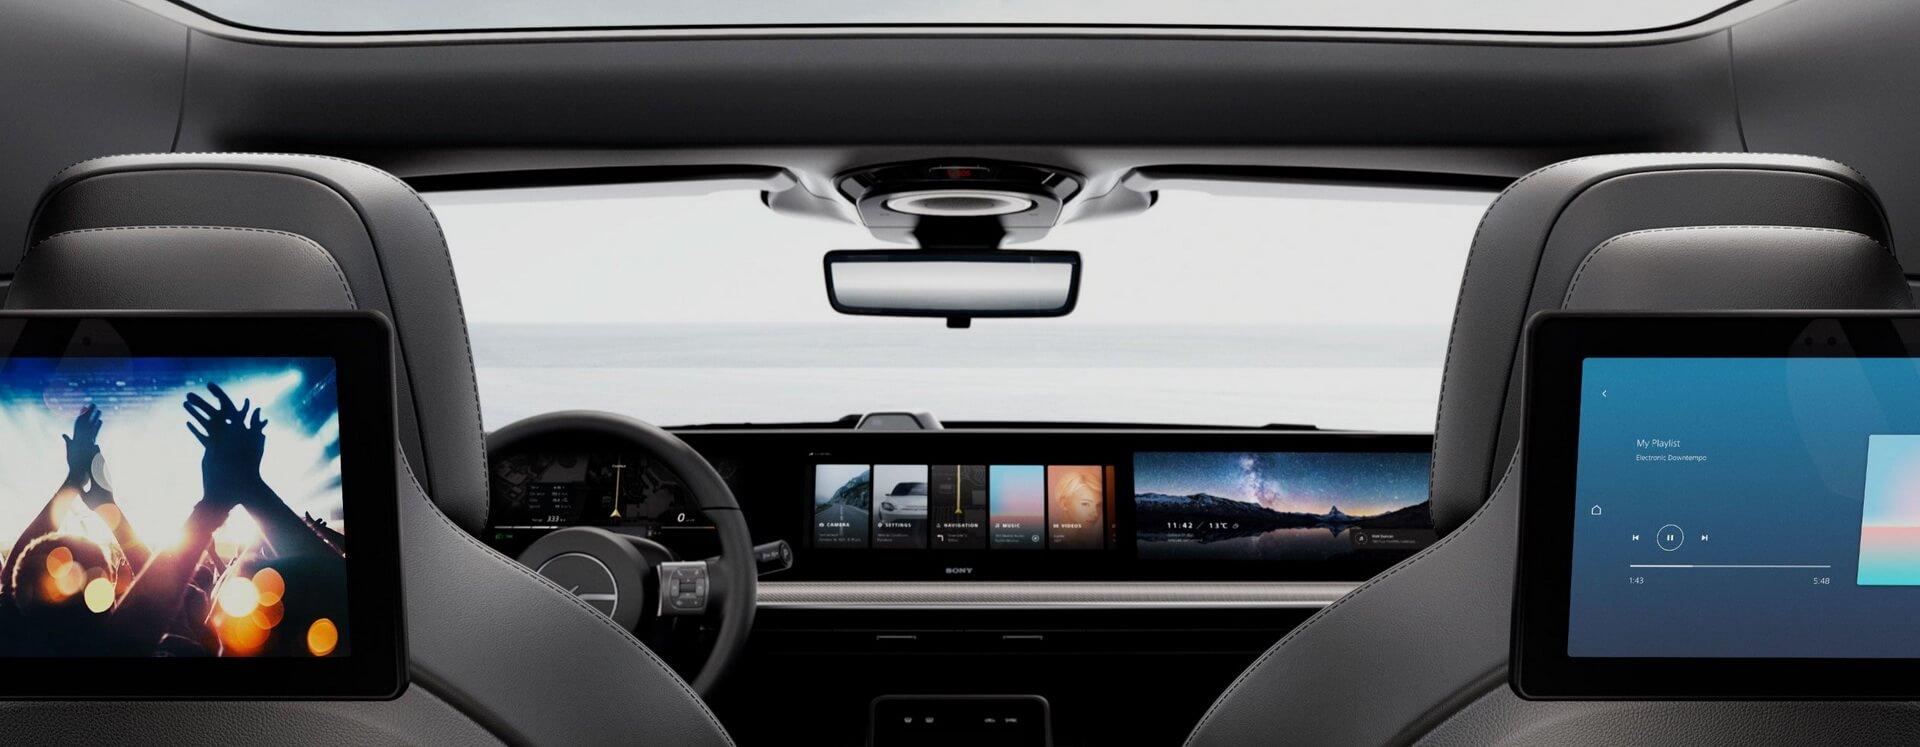 Широкоформатный экран, охватывающий всю приборную панель концепта Sony VISION-S